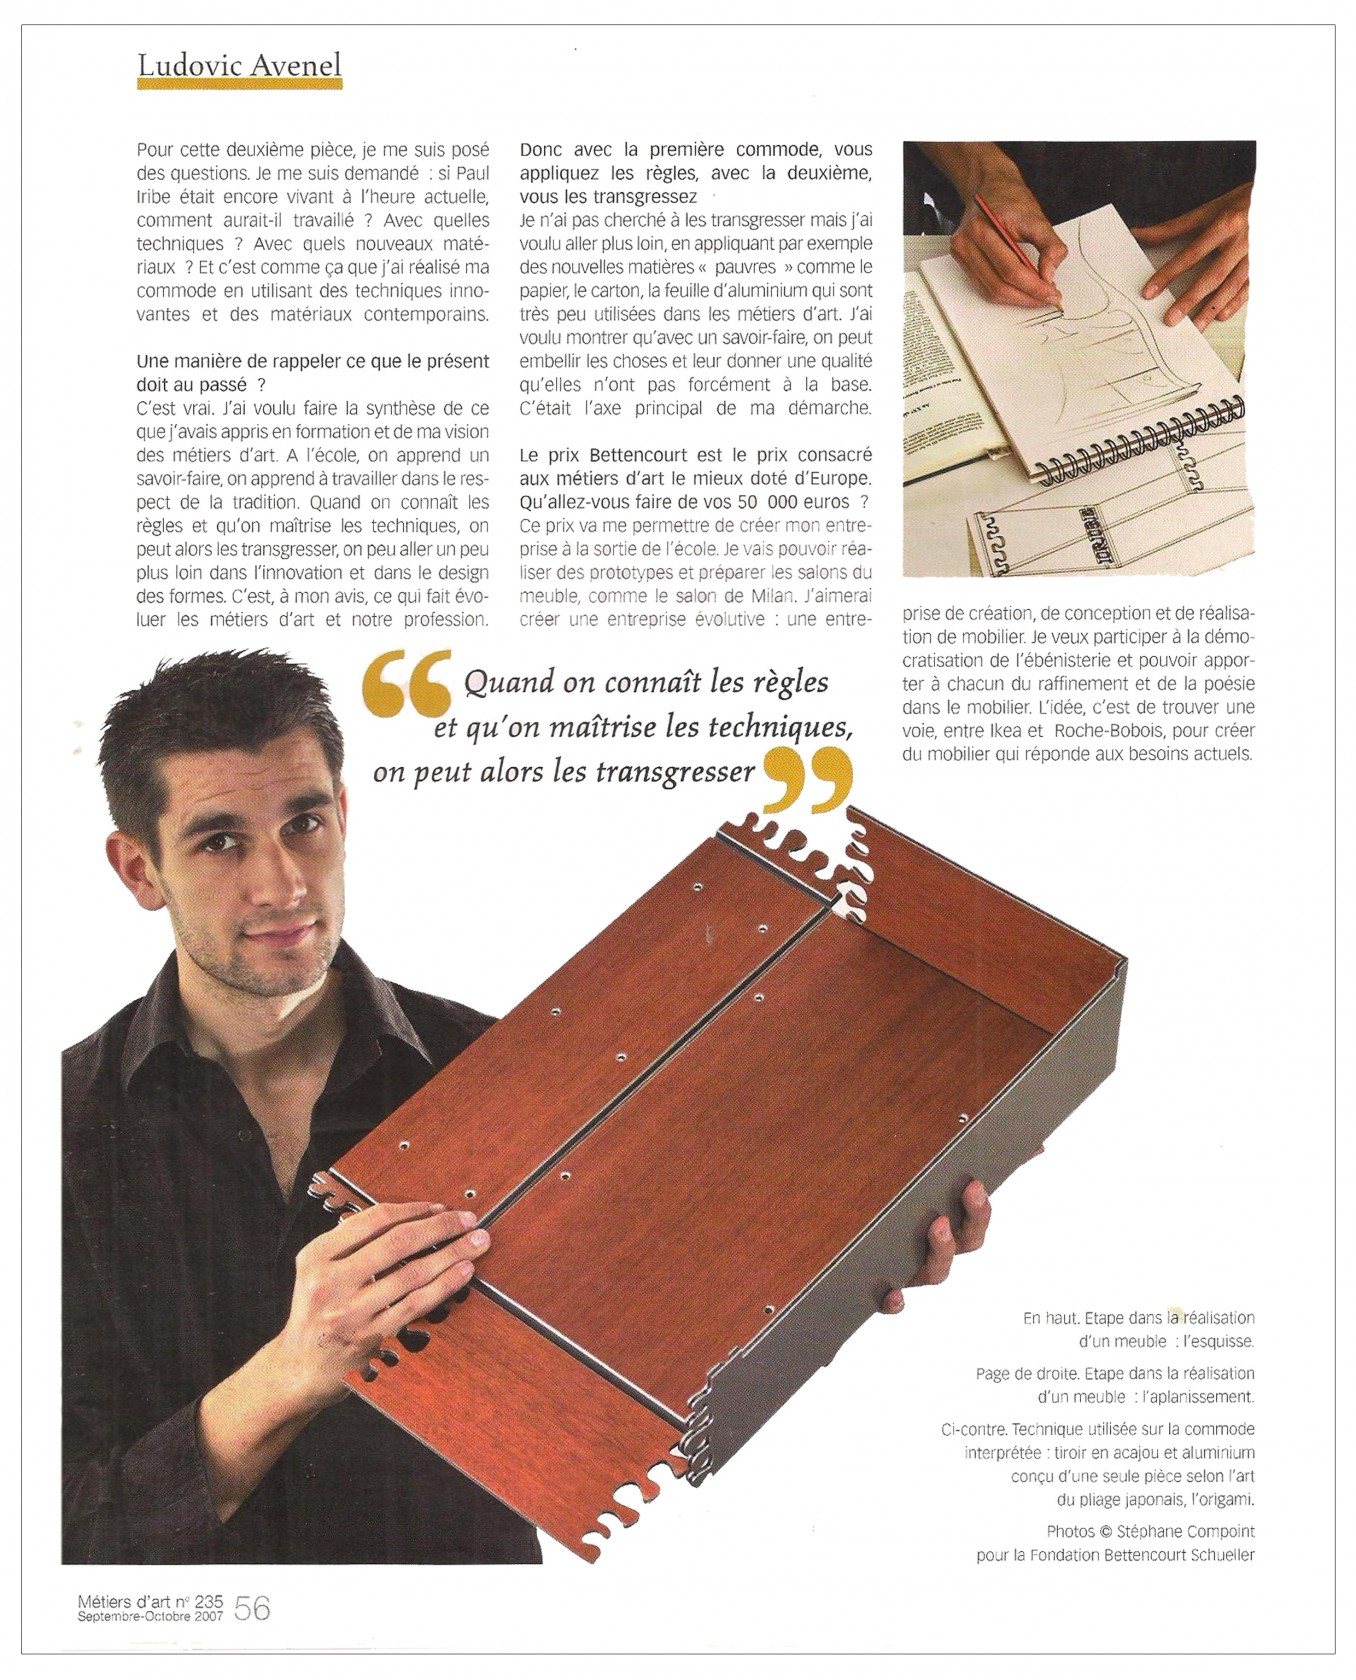 Ludovic AVENEL : ébéniste créateur - Ludovic_Avenel_press_métiers d'art_ebeniste_créateur_design_sur mesure_4